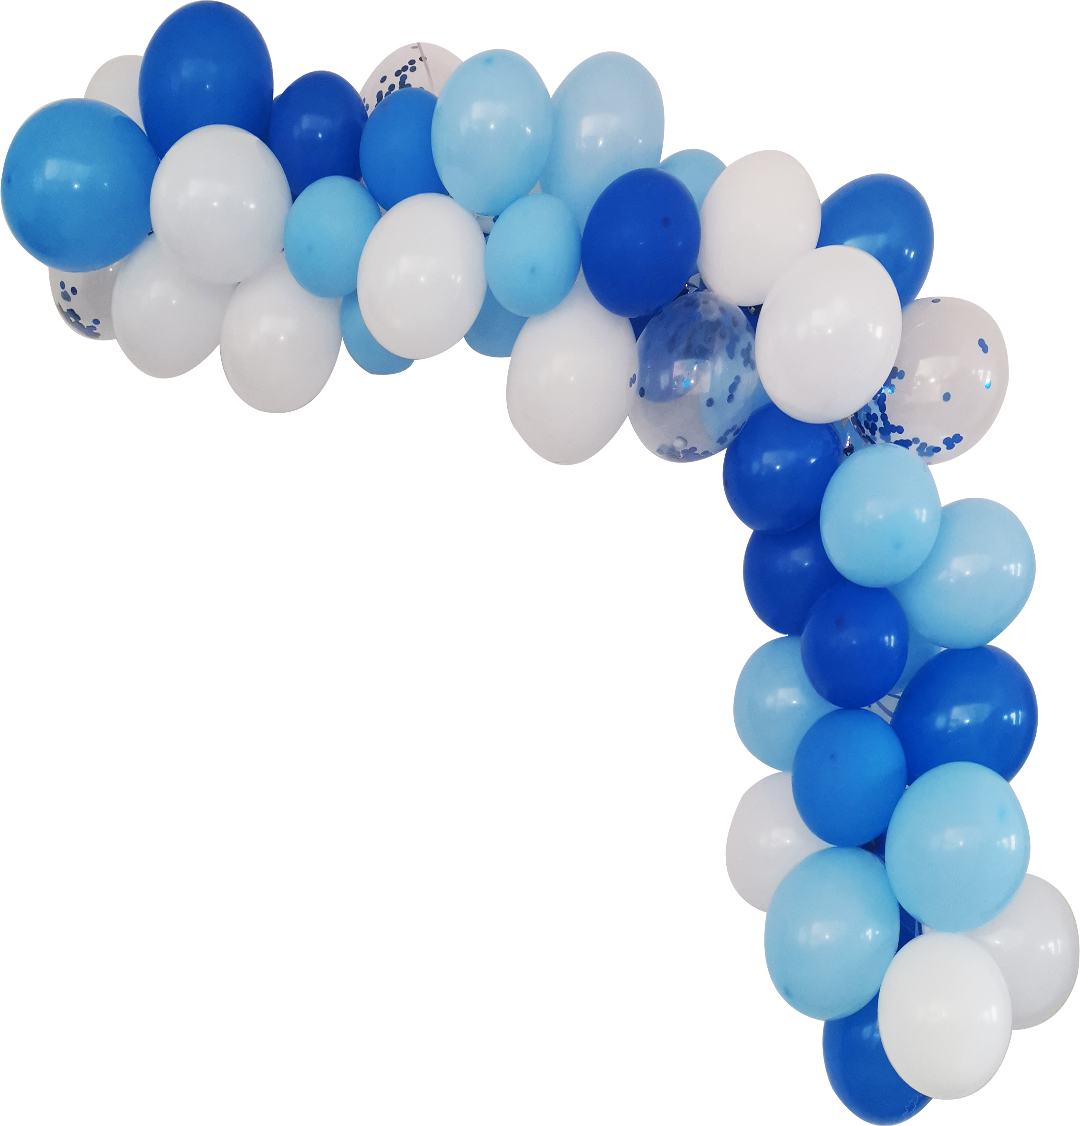 Balloon Garland Graduation Balloon Garland Birthday Balloon Garland Big Balloon Garalnd Cheap Balloon Garland Baby Shower Balloons